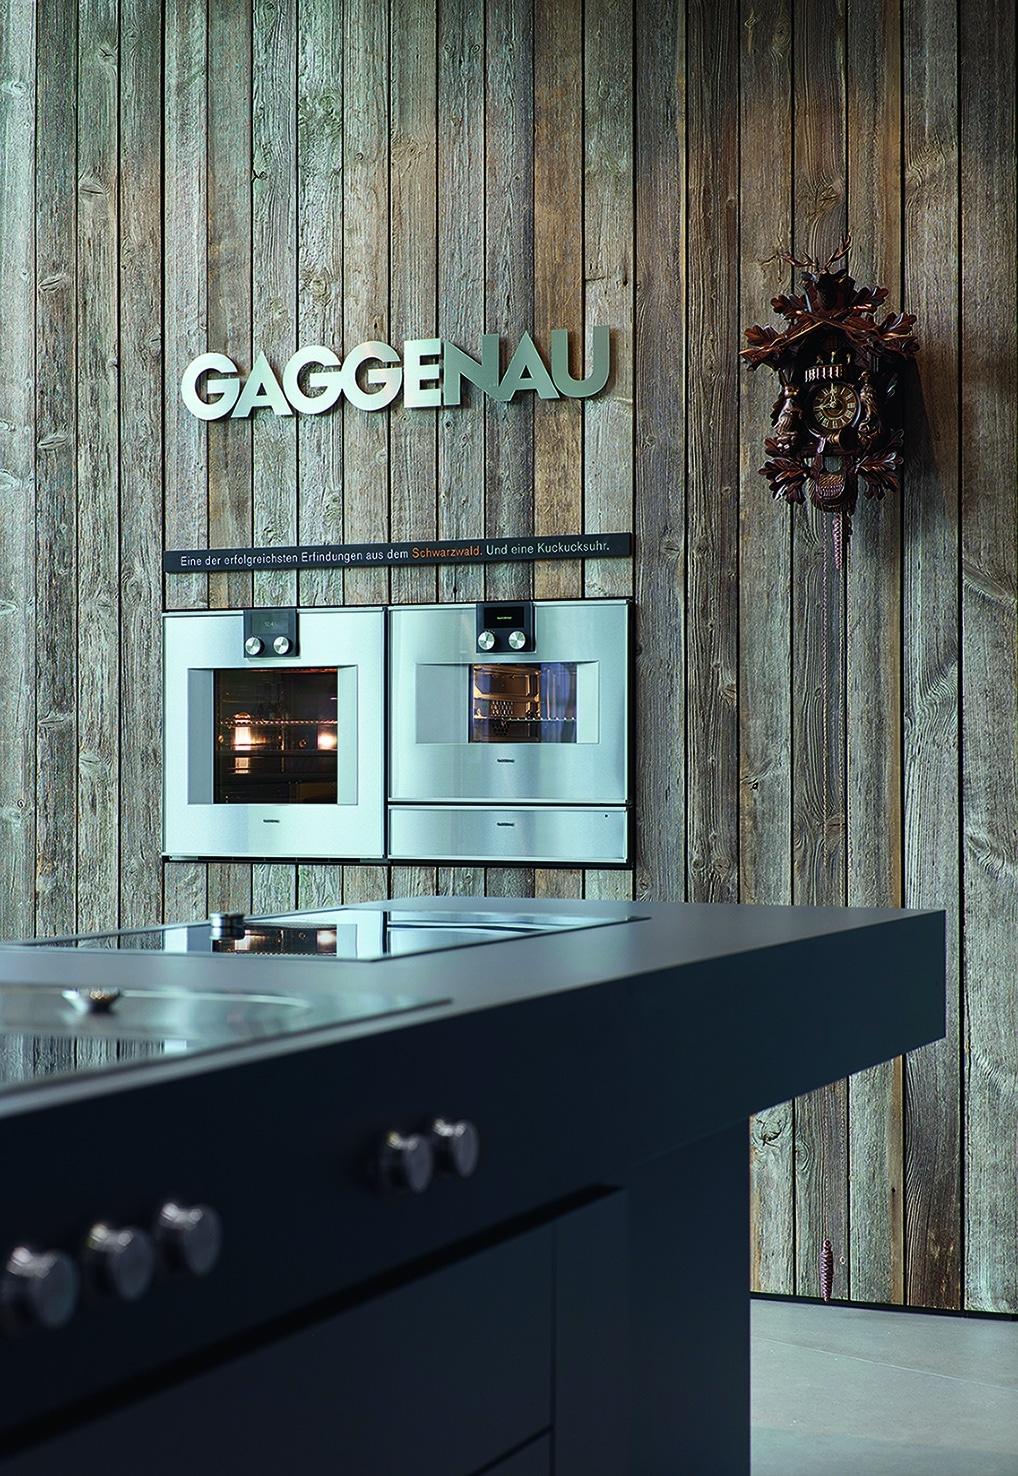 Eleganz, Ästhetik und Luxus dicht geballt auf funktionalen 60 Zentimetern: Gaggenau Dampfbacköfen feiern in diesem Jahr bereits ihr 20. Jubiläum - und sind perfekt ausgereift wie nie zuvor. (Foto: Gaggenau)